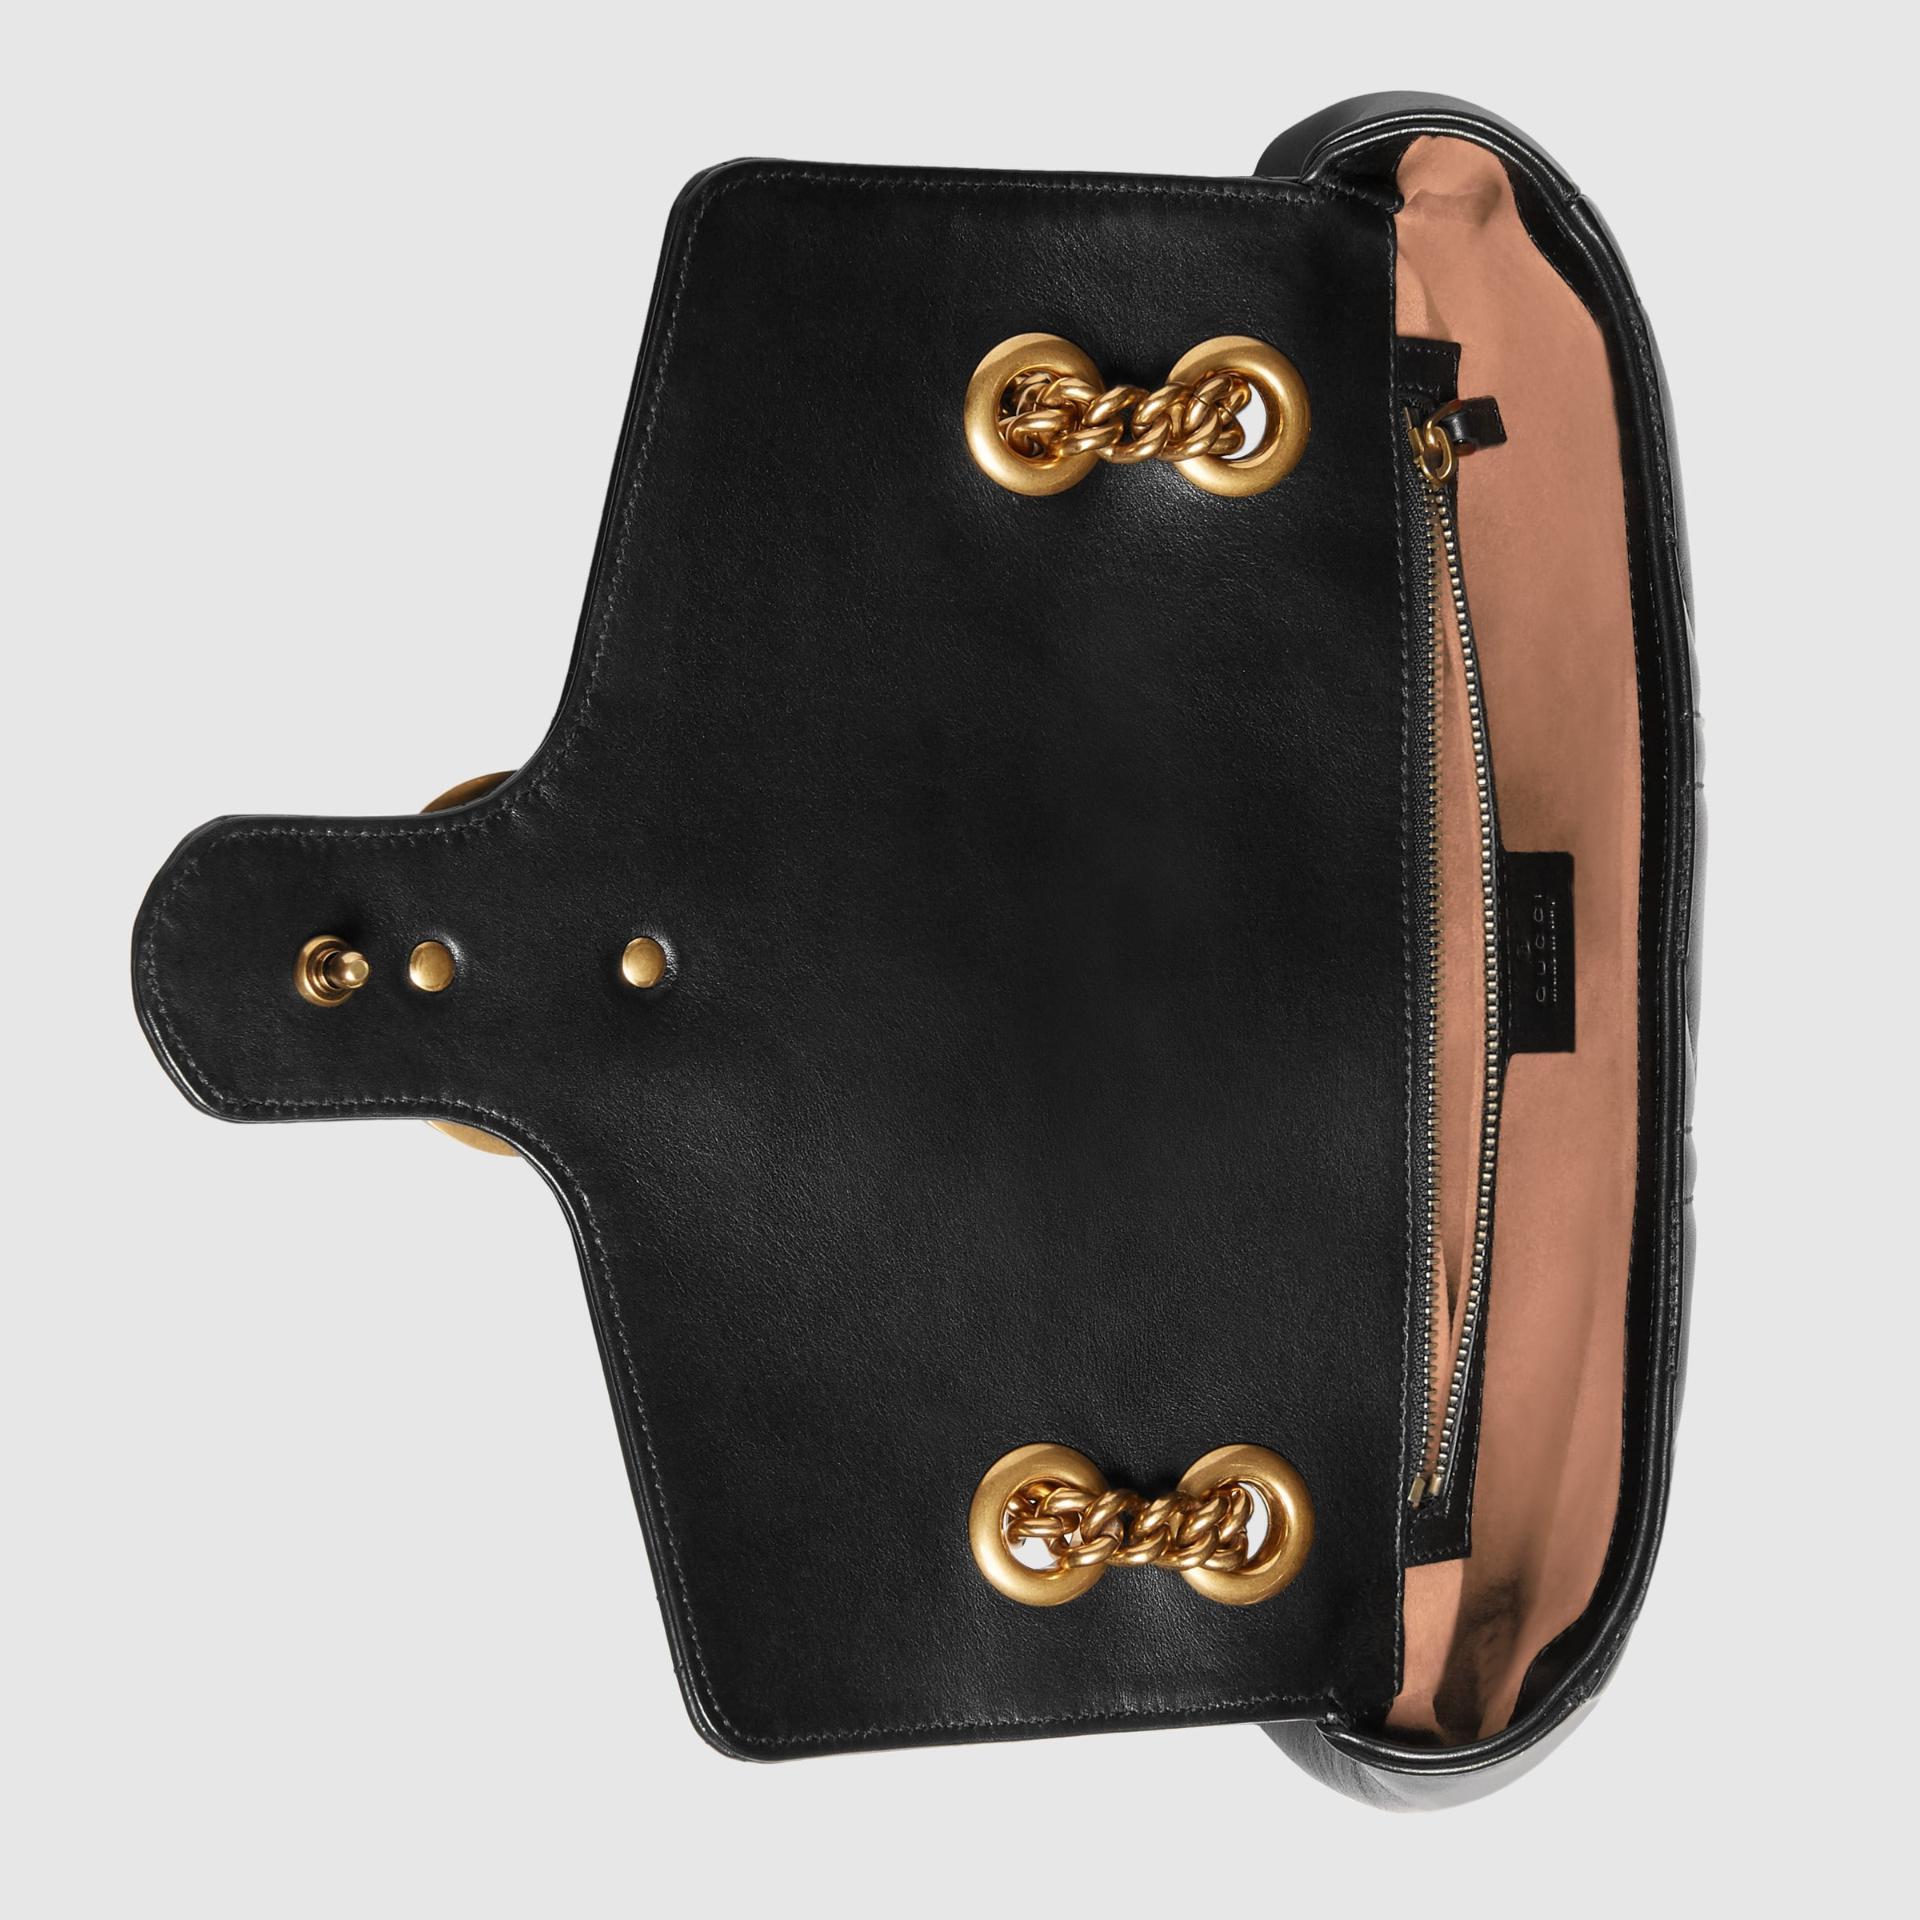 유럽직배송 구찌 GUCCI Gucci 2017 Re-Edition GG Marmont bag 443497DRWWR1091